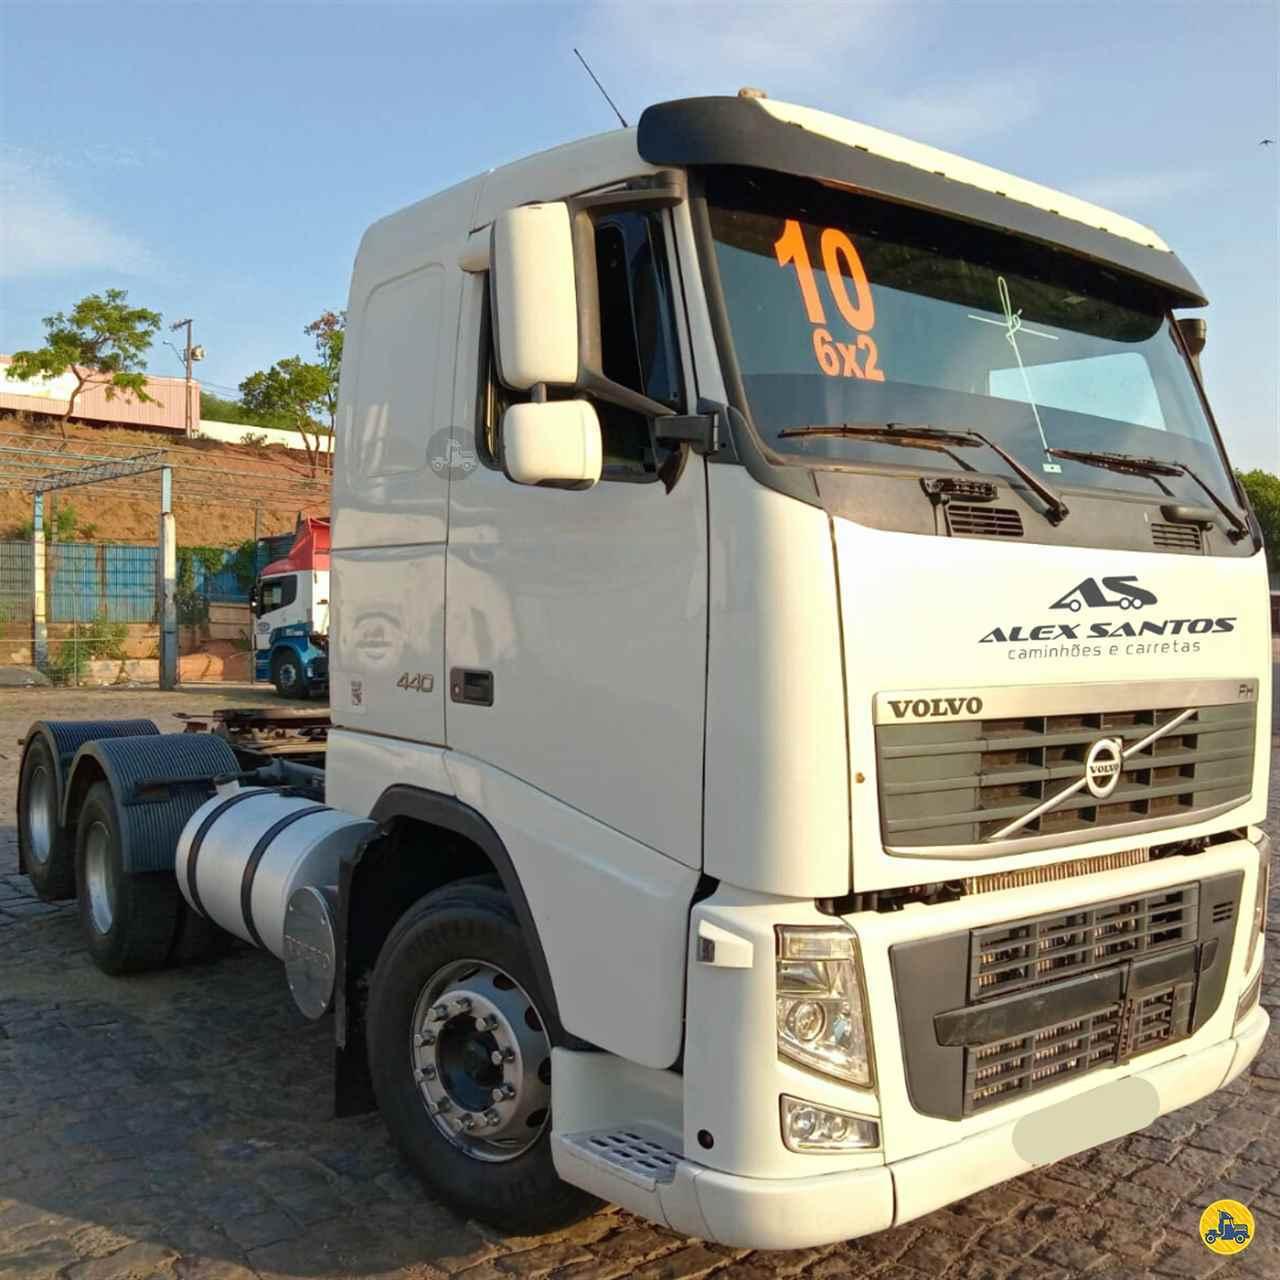 CAMINHAO VOLVO VOLVO FH 440 Cavalo Mecânico Truck 6x2 Alex Santos Caminhões - Pouso Alegre POUSO ALEGRE MINAS GERAIS MG